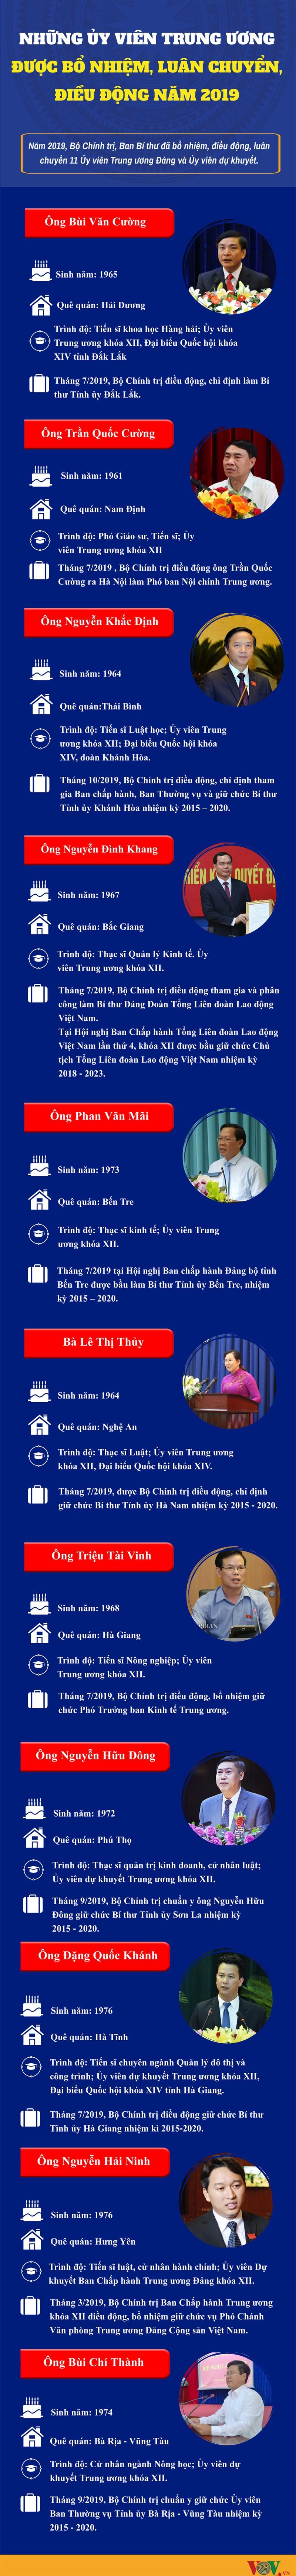 nhung uy vien trung uong duoc bo nhiem luan chuyen dieu dong nam 2019